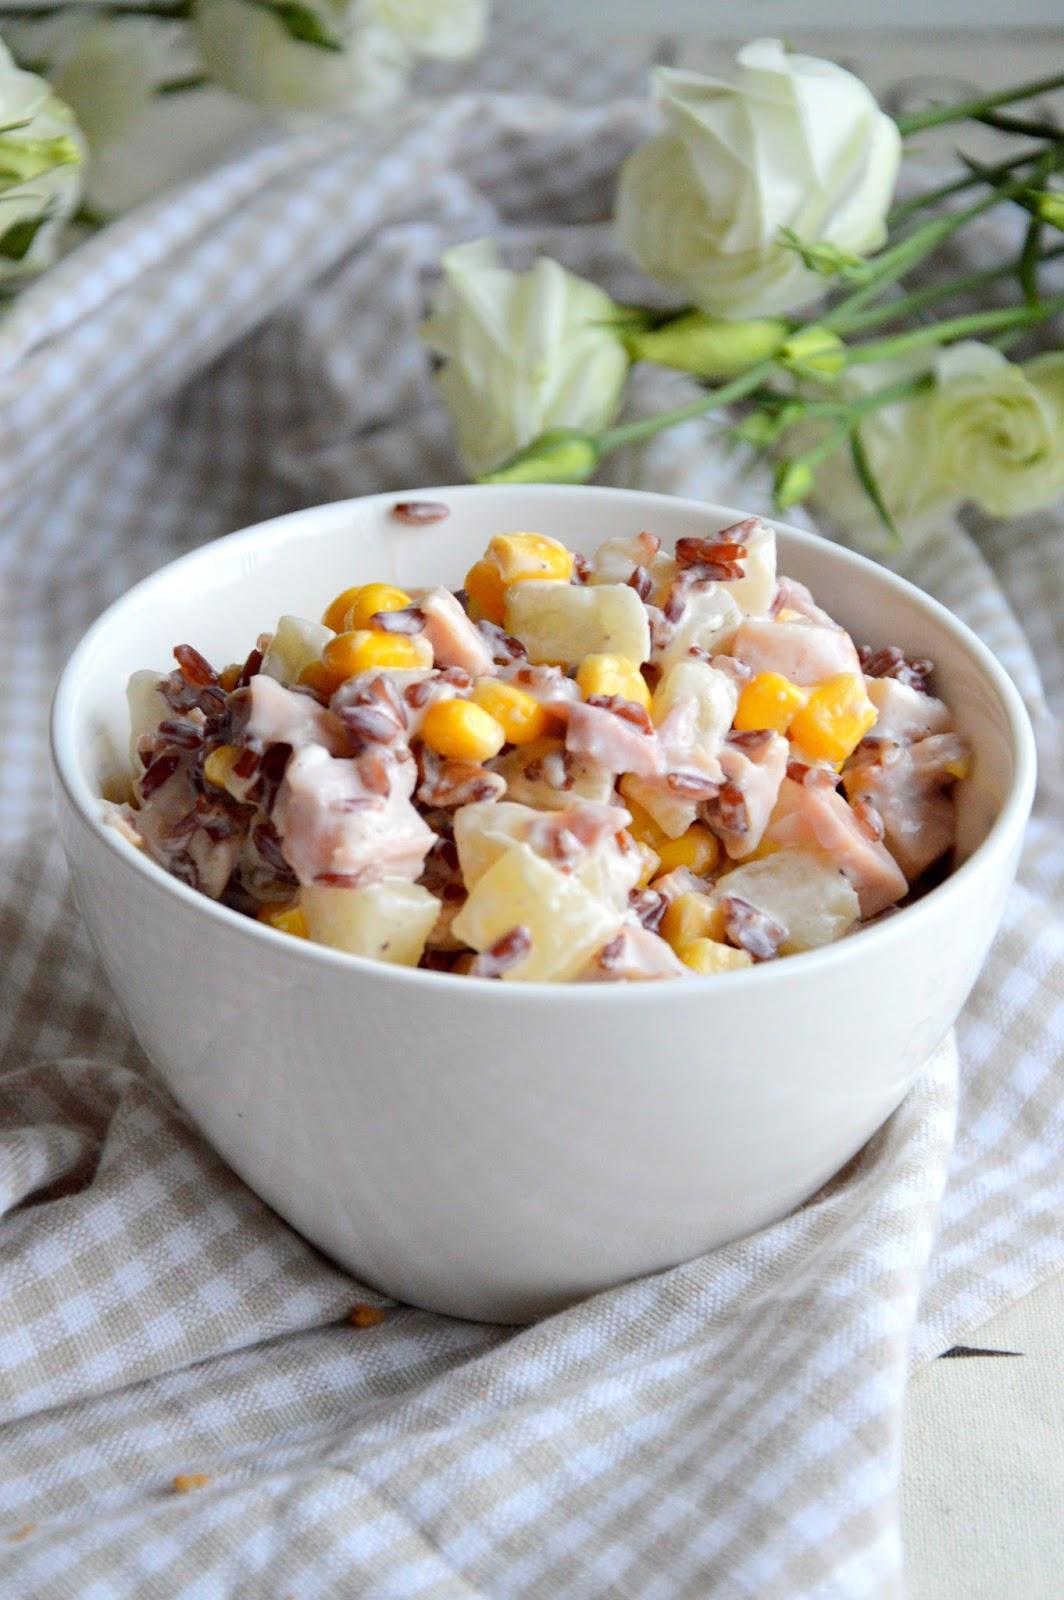 Mangopapaja Prosta Salatka Z Ryzem Ananasem Wedzonym Kurczakiem I